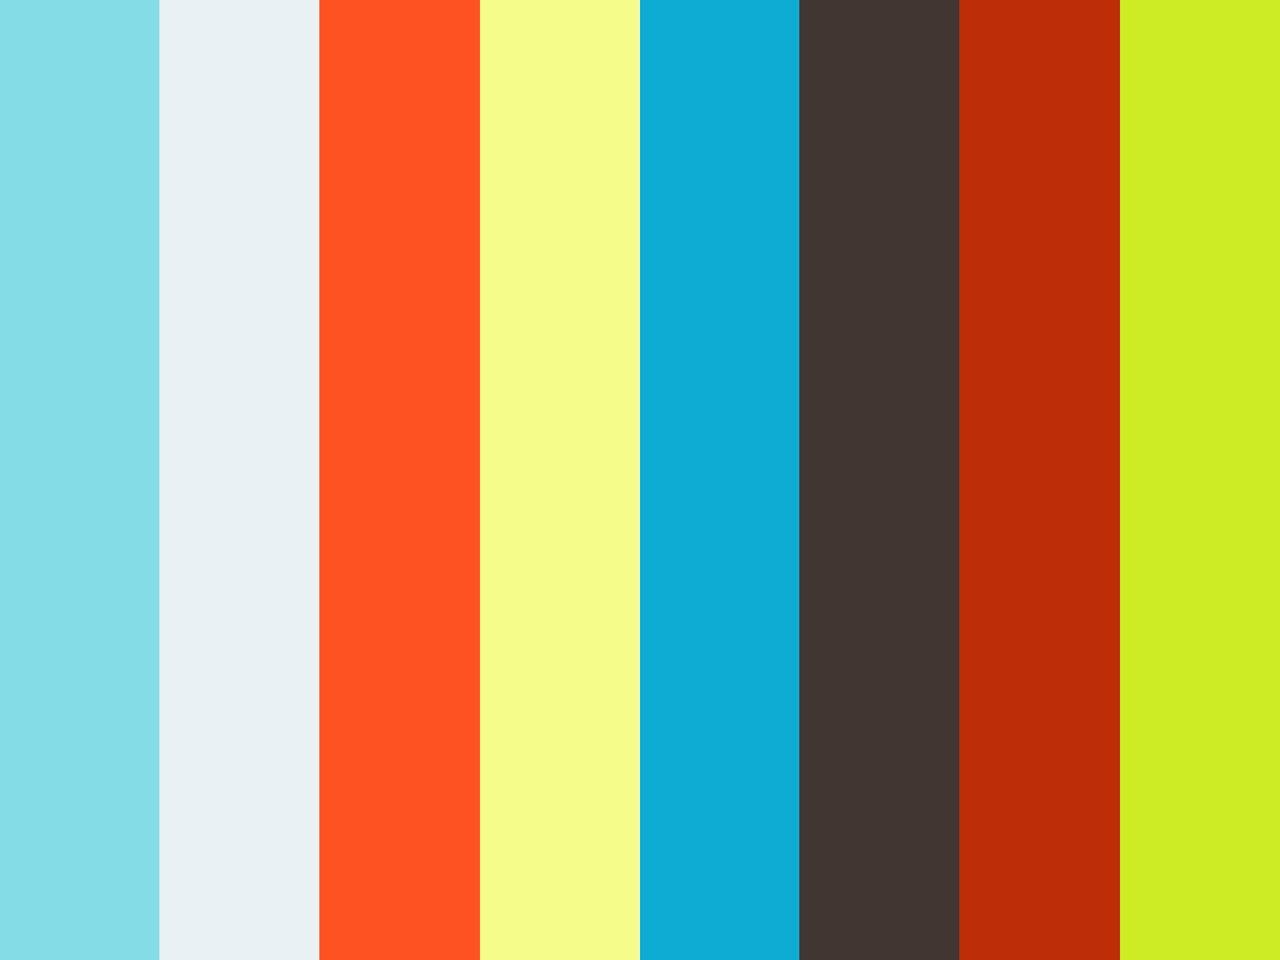 Balthazar - Teaser Orange Plaatsing Antenne